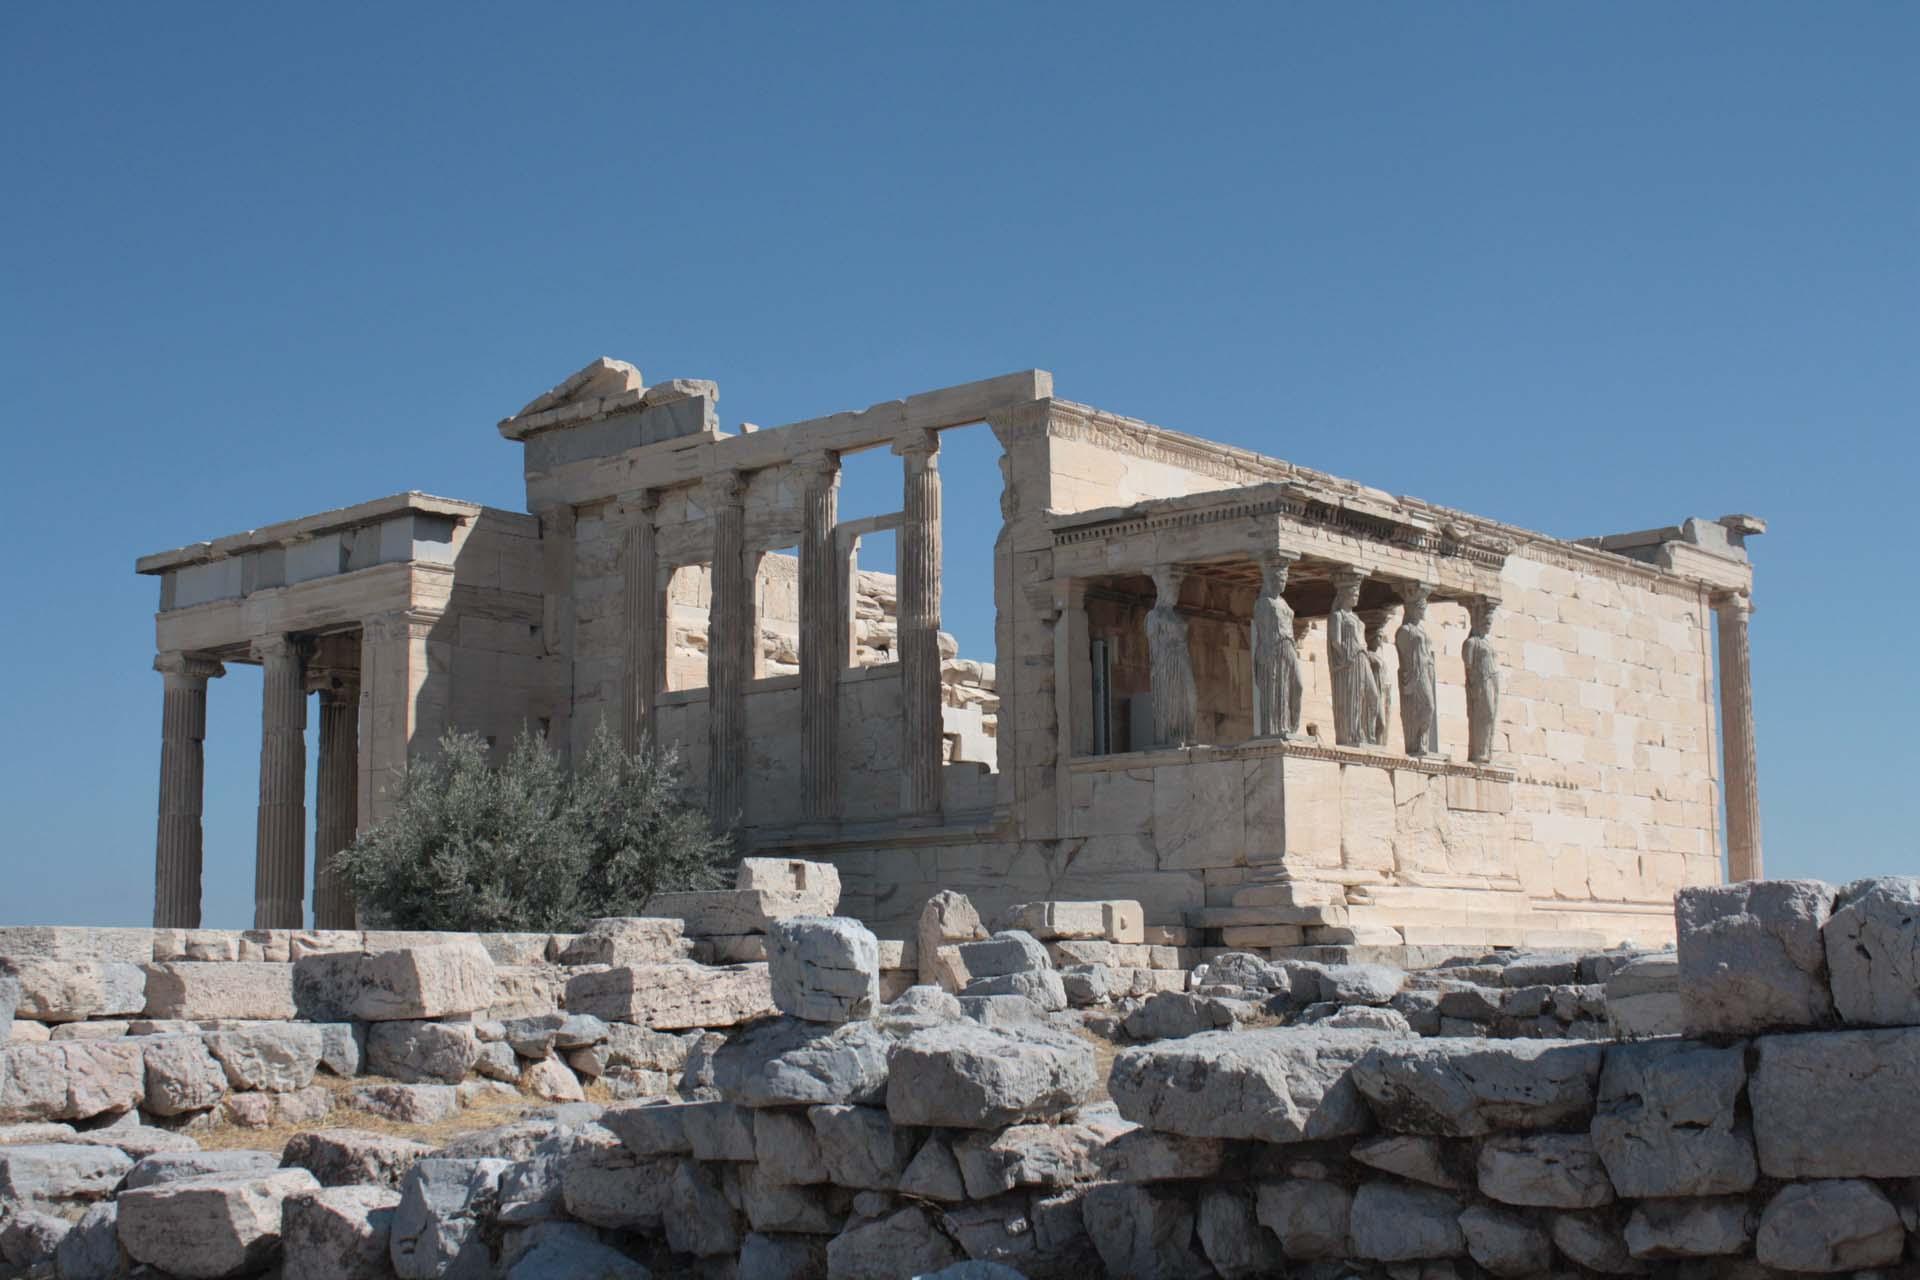 Vista del tempio di Eretteo sull'Acropoli di Atene con il porticato con le cariatidi